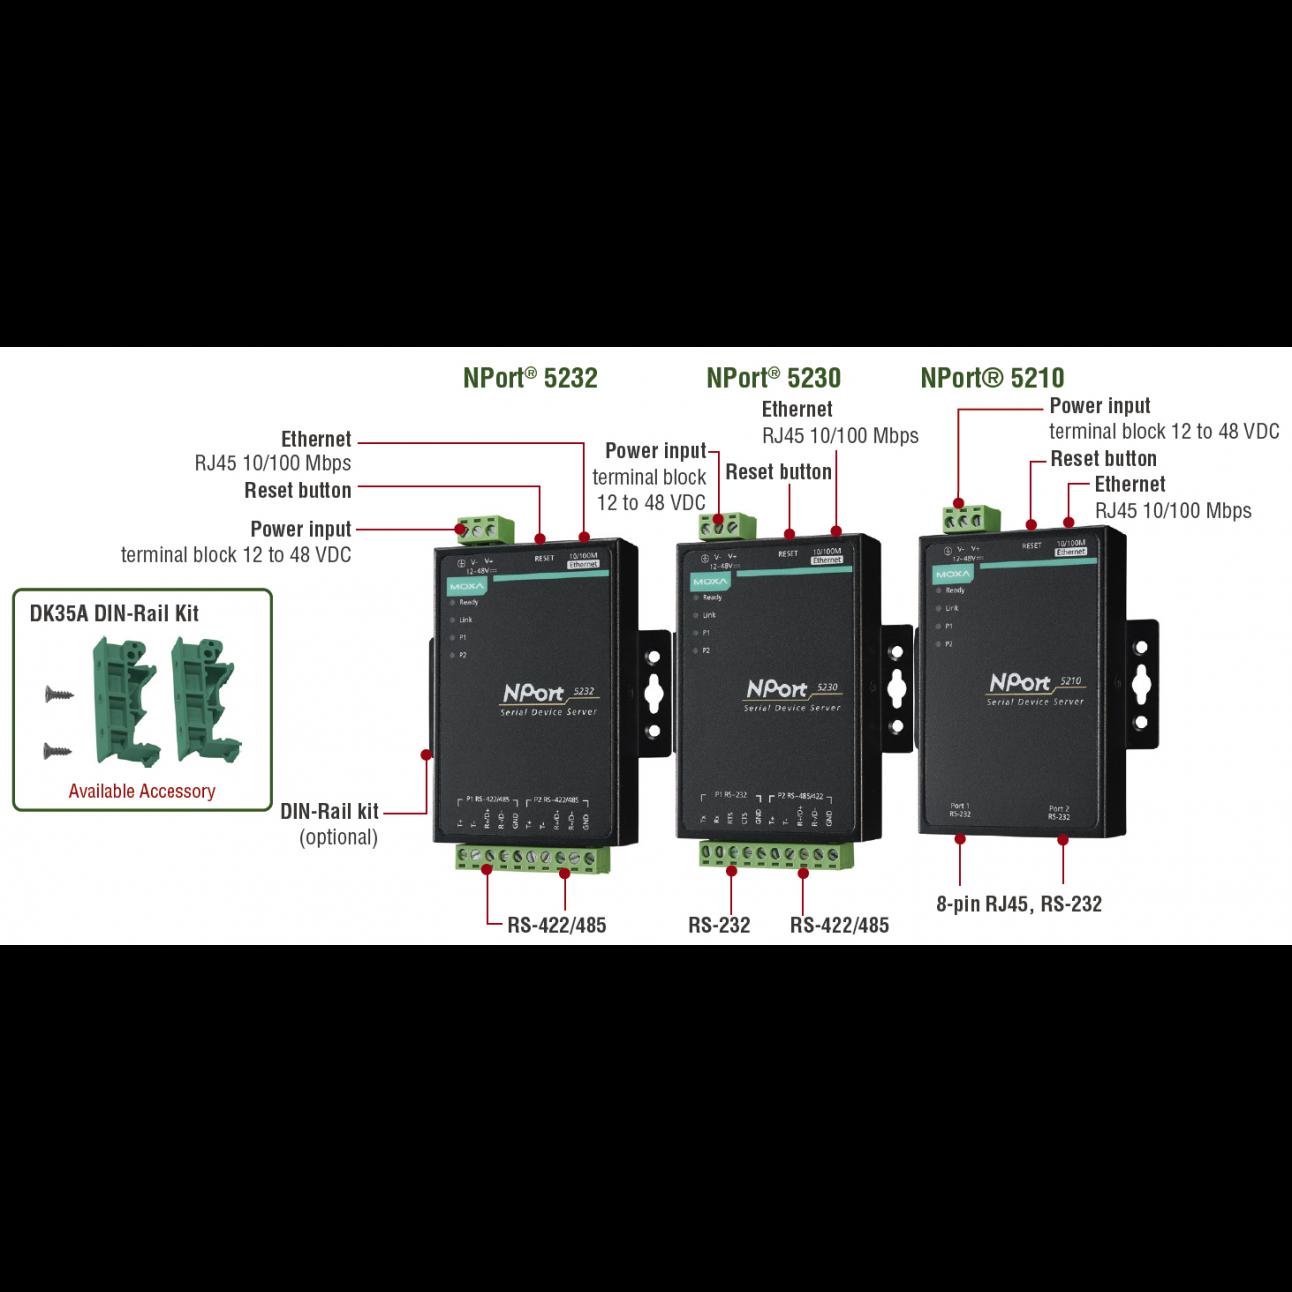 NPort 5230 2-портовый асинхронный сервер RS-232 + RS-422/485 в Ethernet MOXA